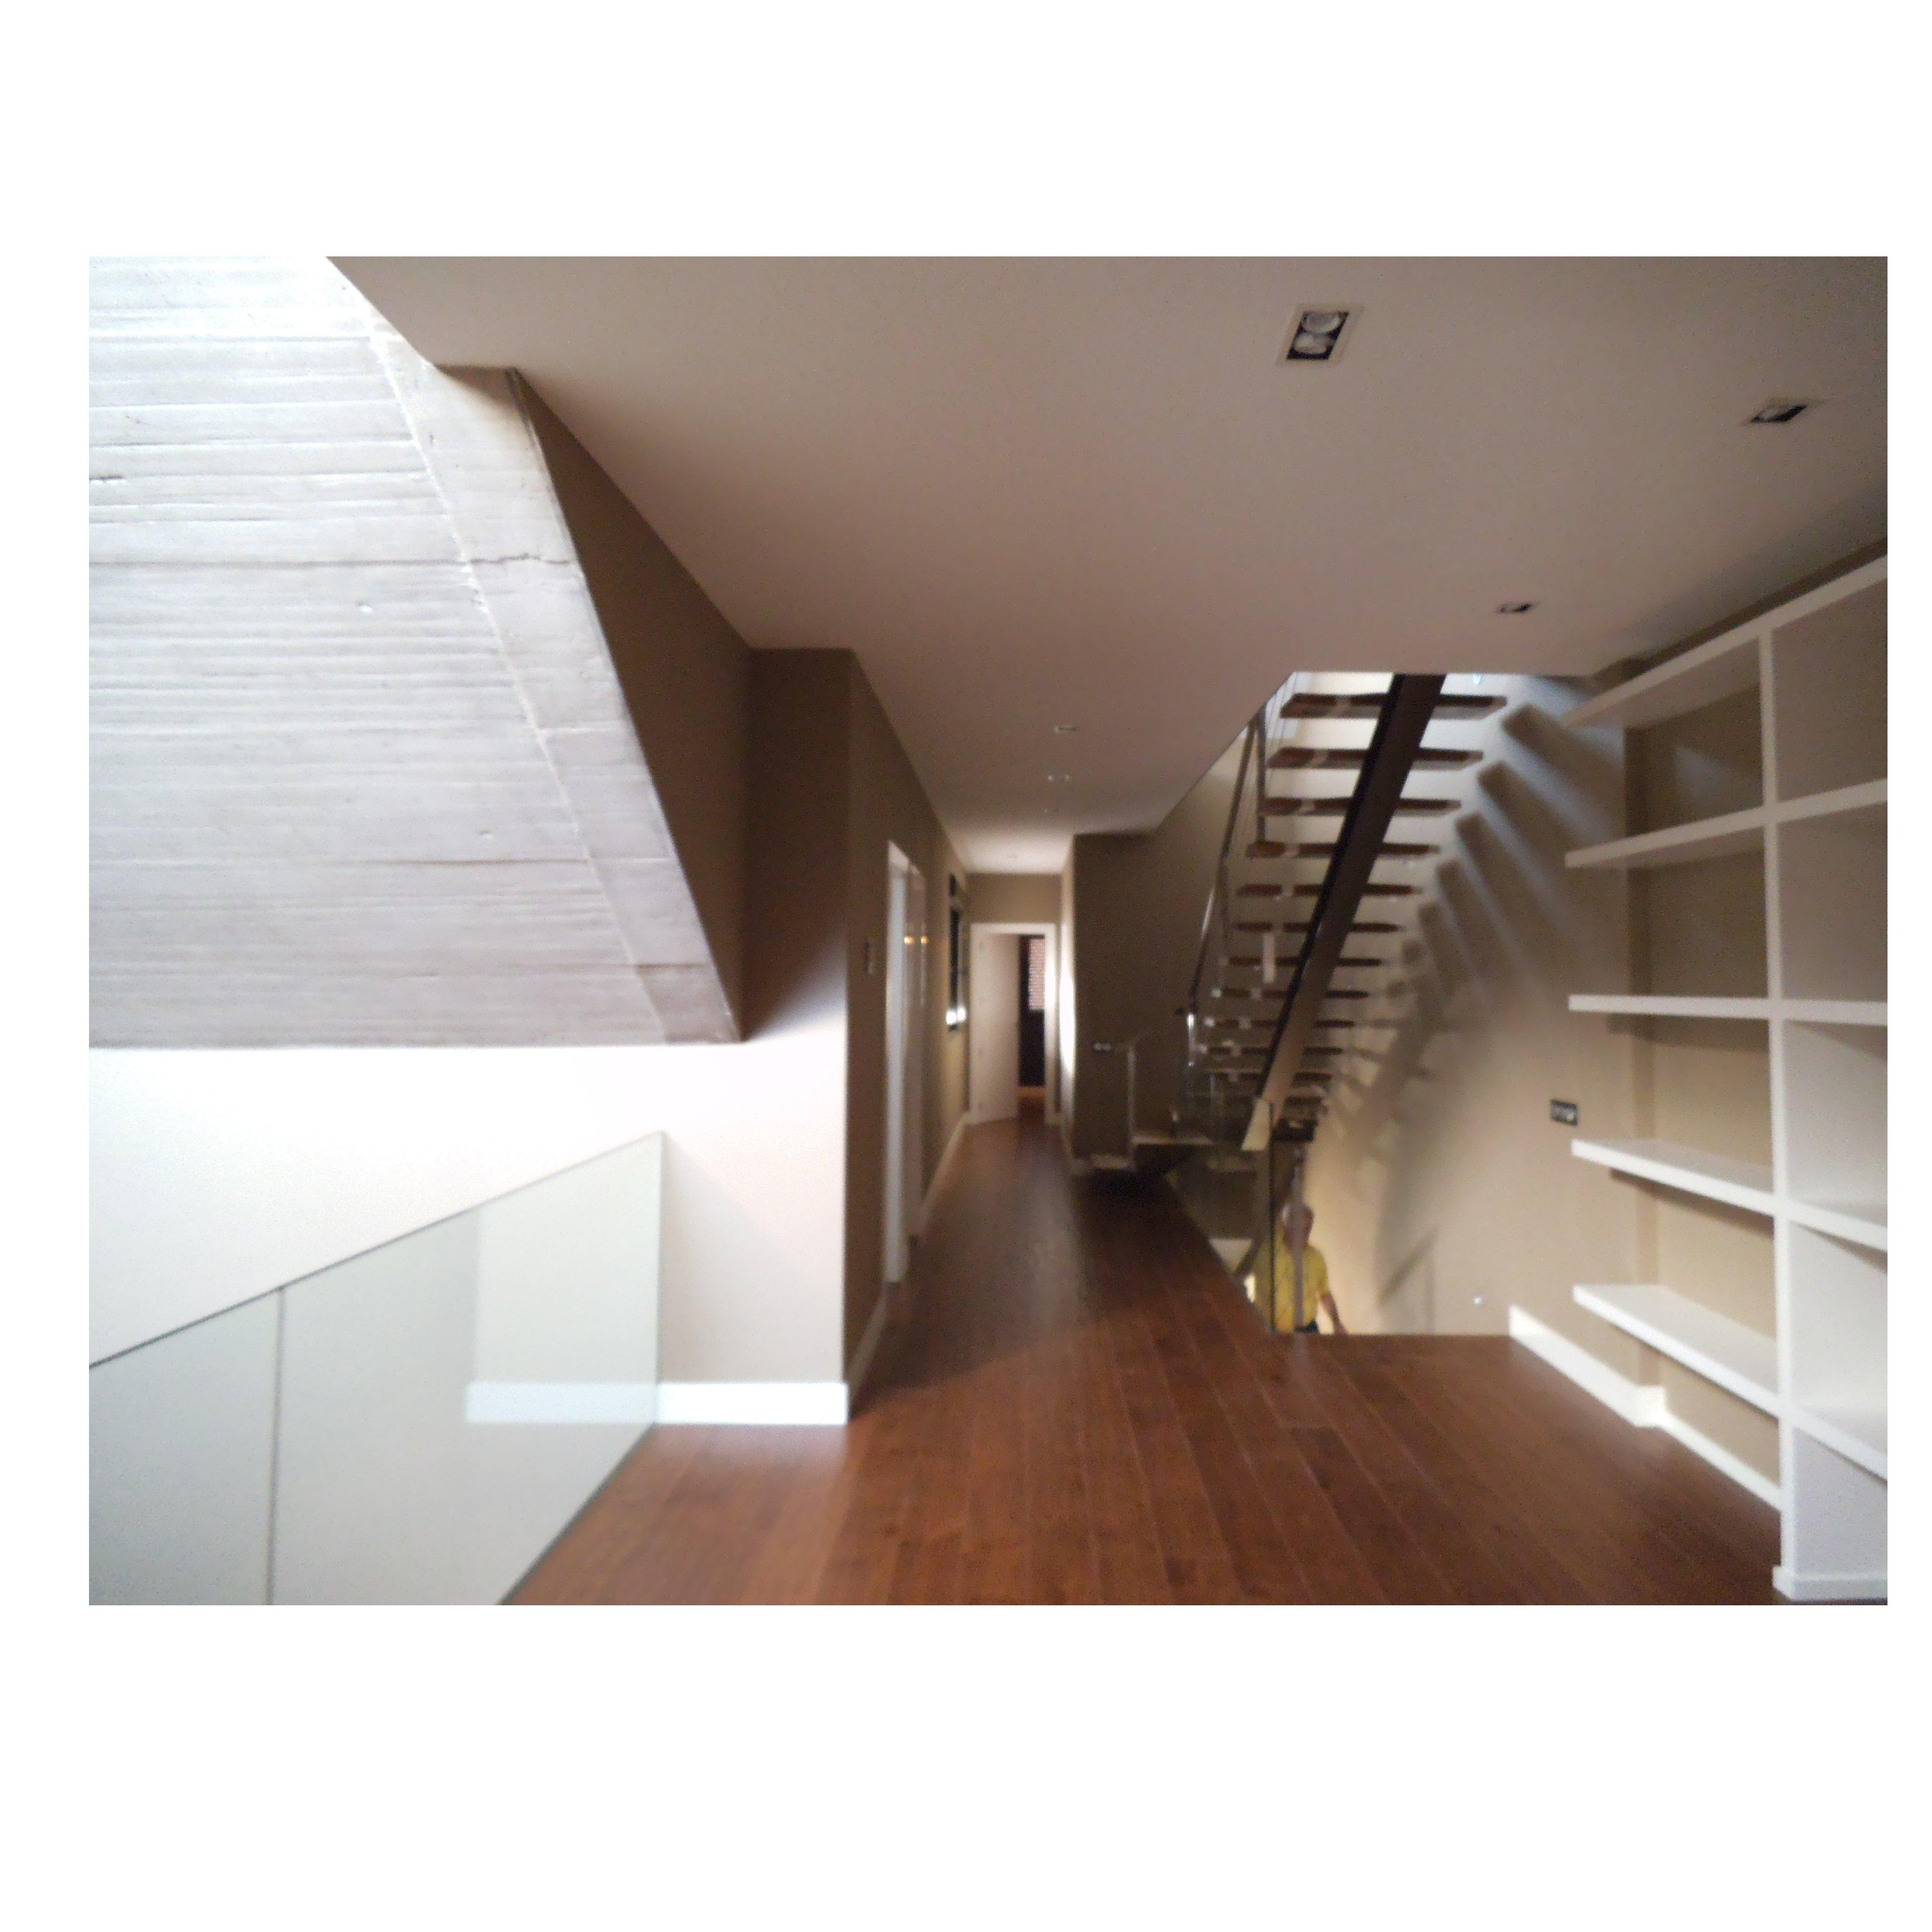 Reforma interior: Catálogo de Planos y Obras, S.L.